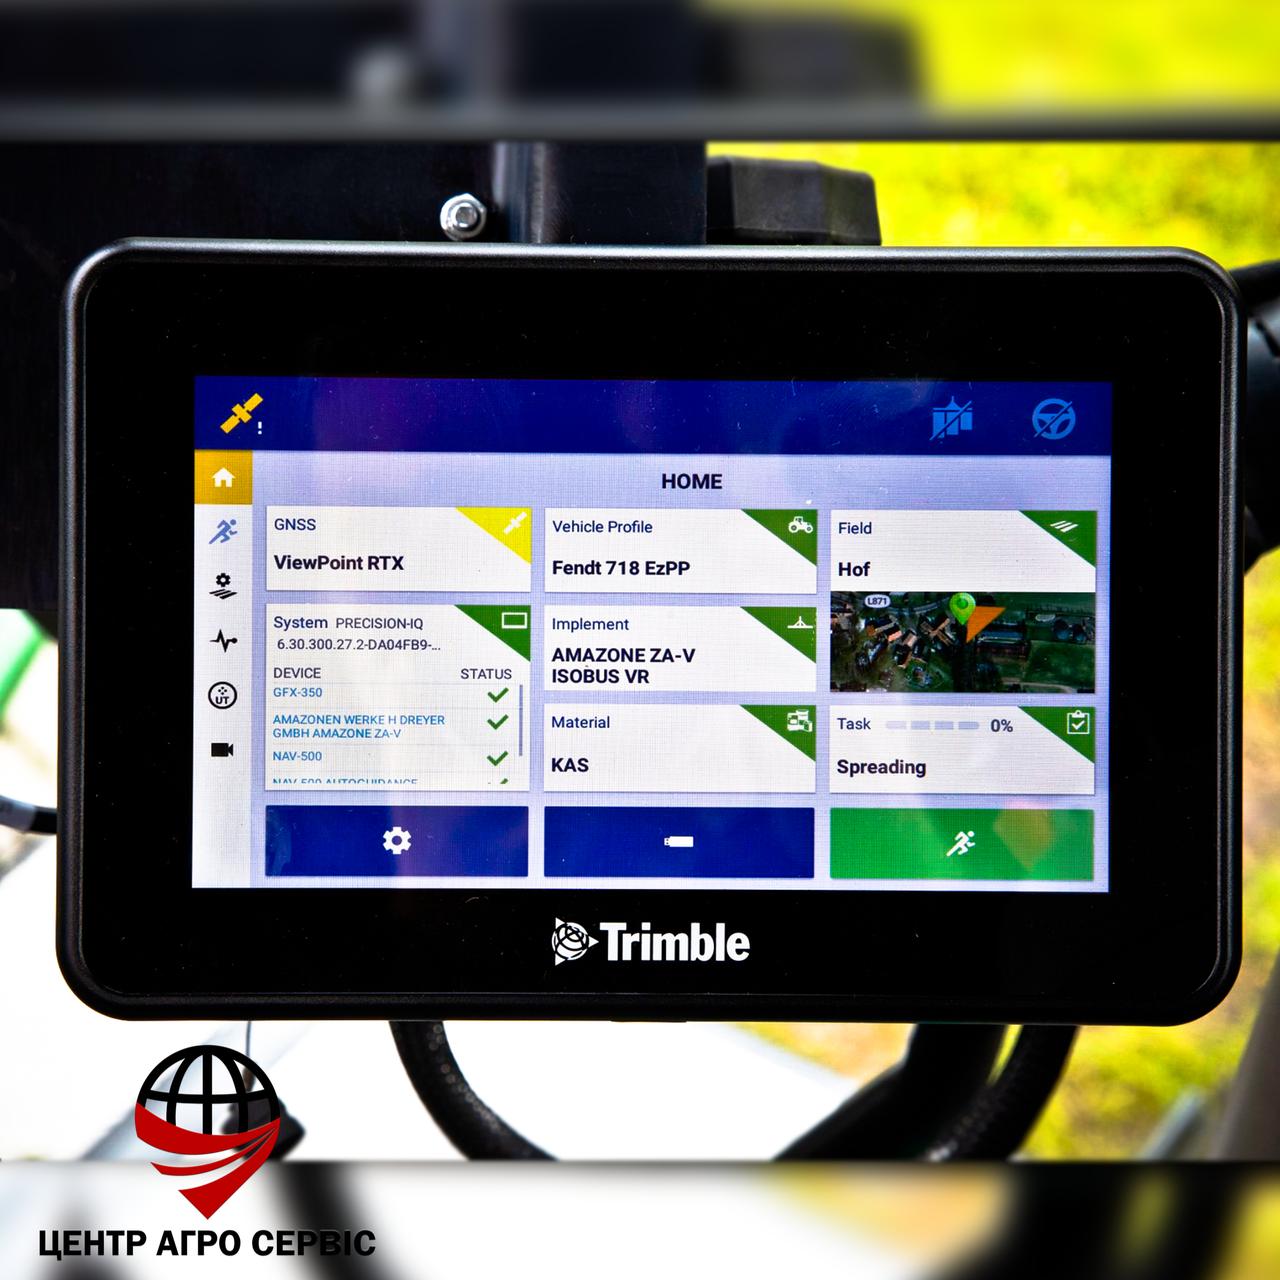 Система параллельного вождения Trimble GFX-350 (ISOBUS)